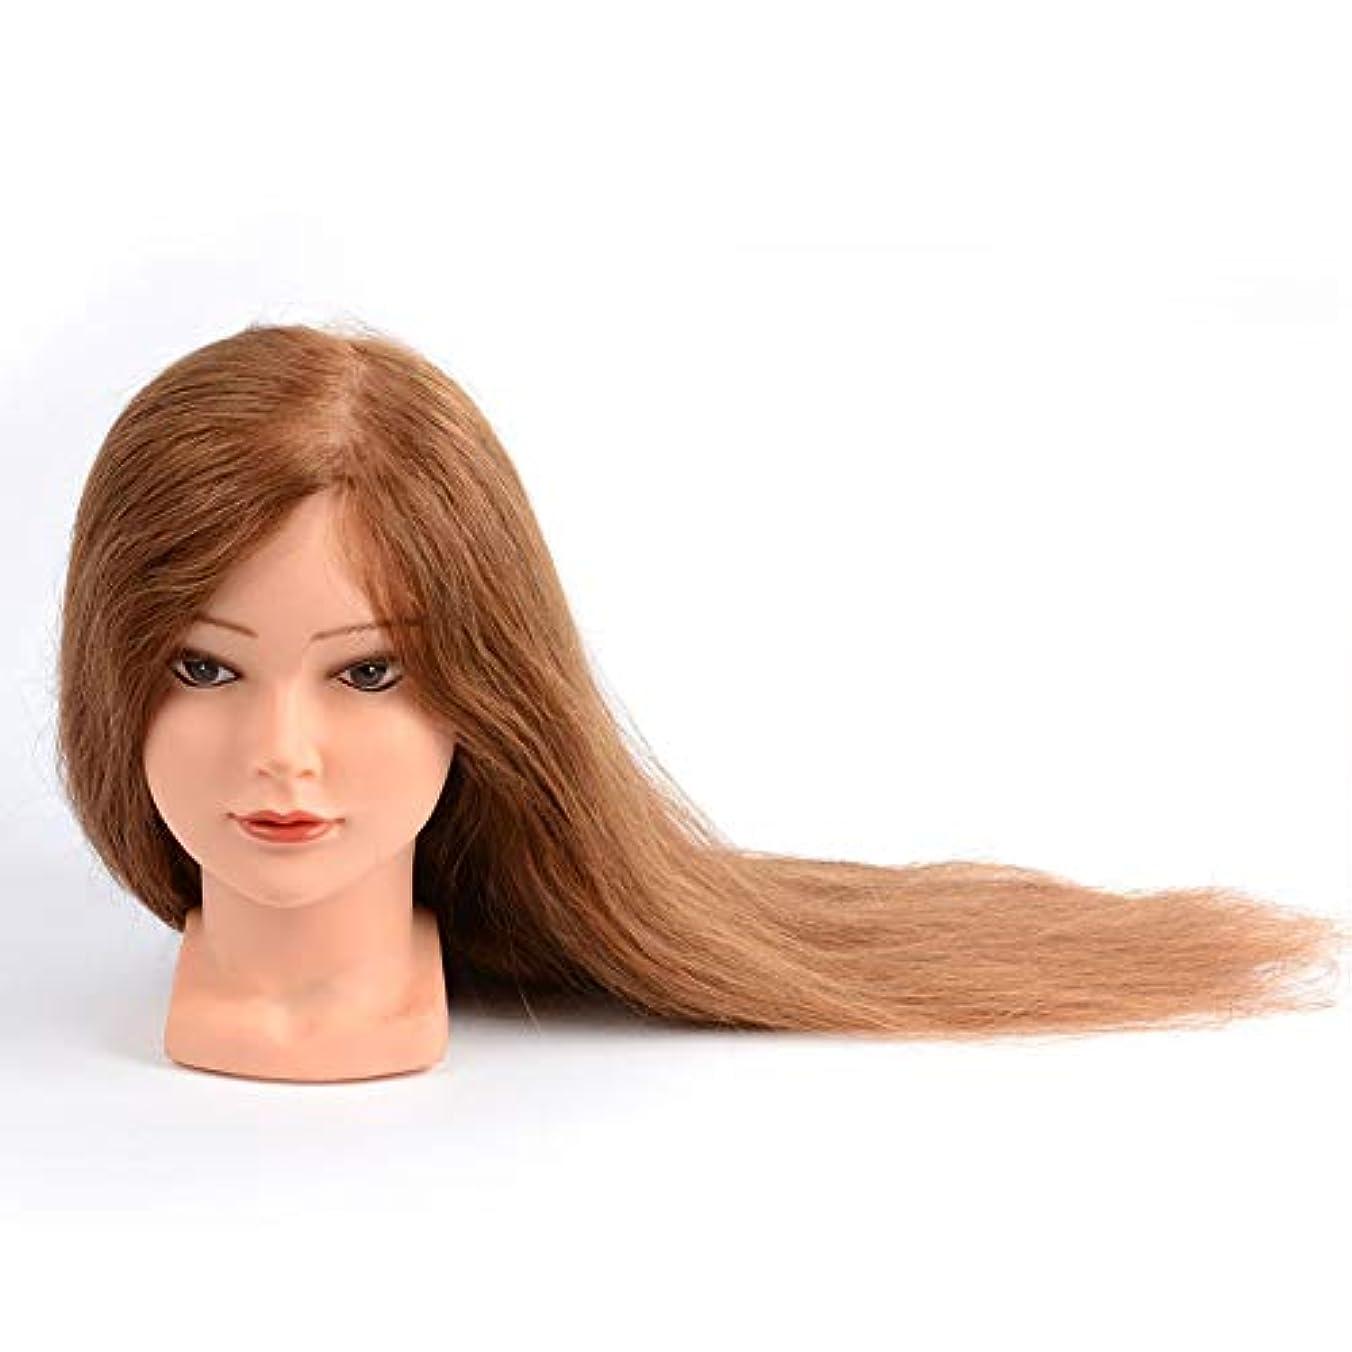 サミットフルート遠えゴールデンプラクティスマネキンヘッドブライダルメイクスタイリングプラクティスダミーヘッドヘアサロン散髪指導ヘッドは染めることができます漂白